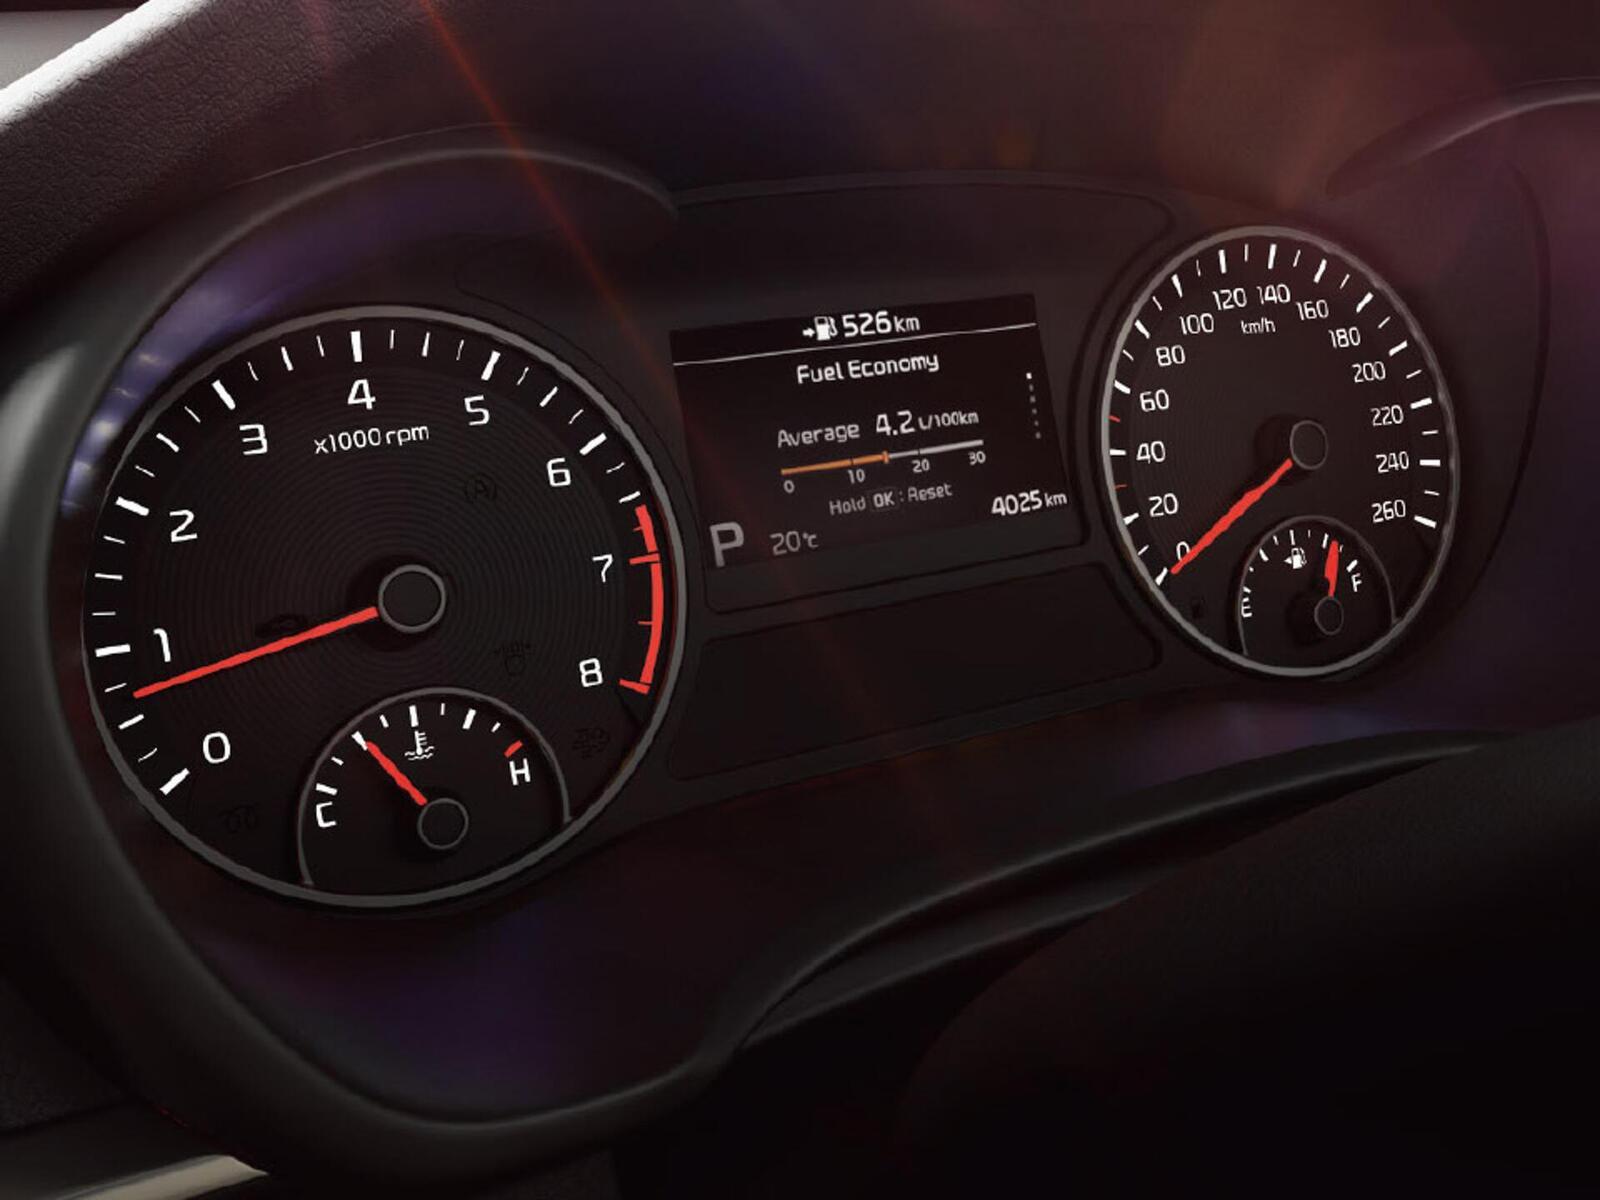 Kia Optima phiên bản nâng cấp facelift mới nhất đã có mặt tại Việt Nam - Hình 6